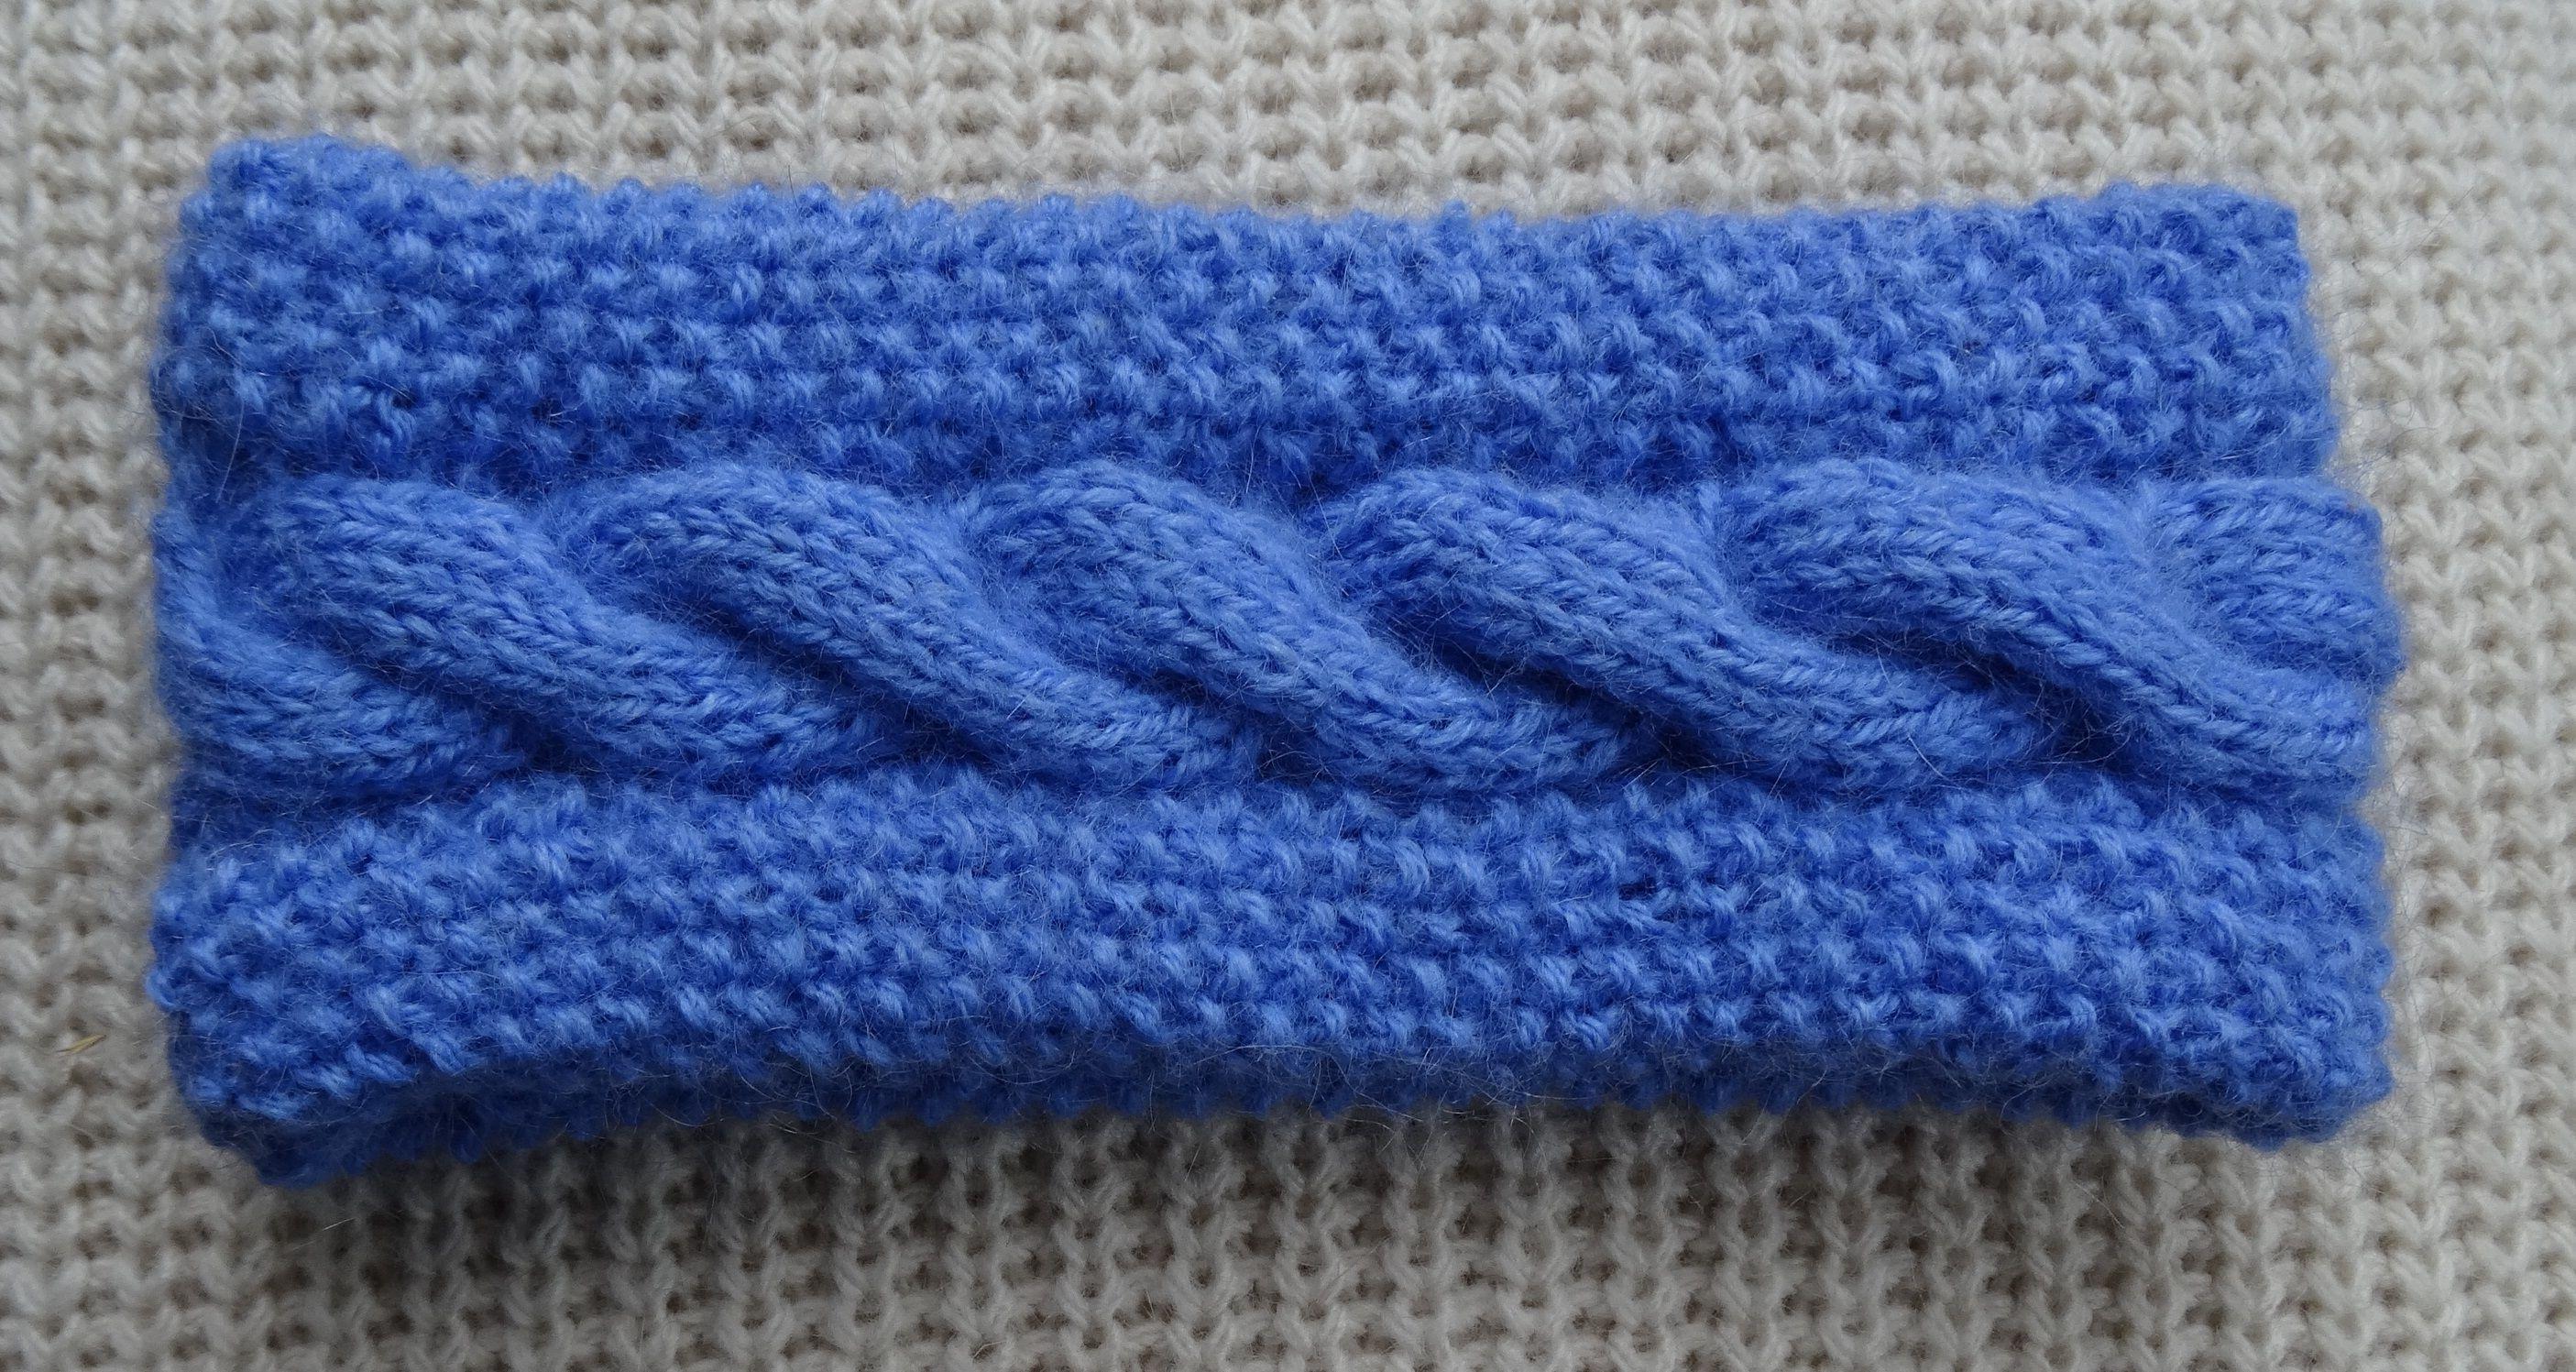 bandeau point de riz et torsade simple laine pinterest tricot tricot et crochet et bandeau. Black Bedroom Furniture Sets. Home Design Ideas